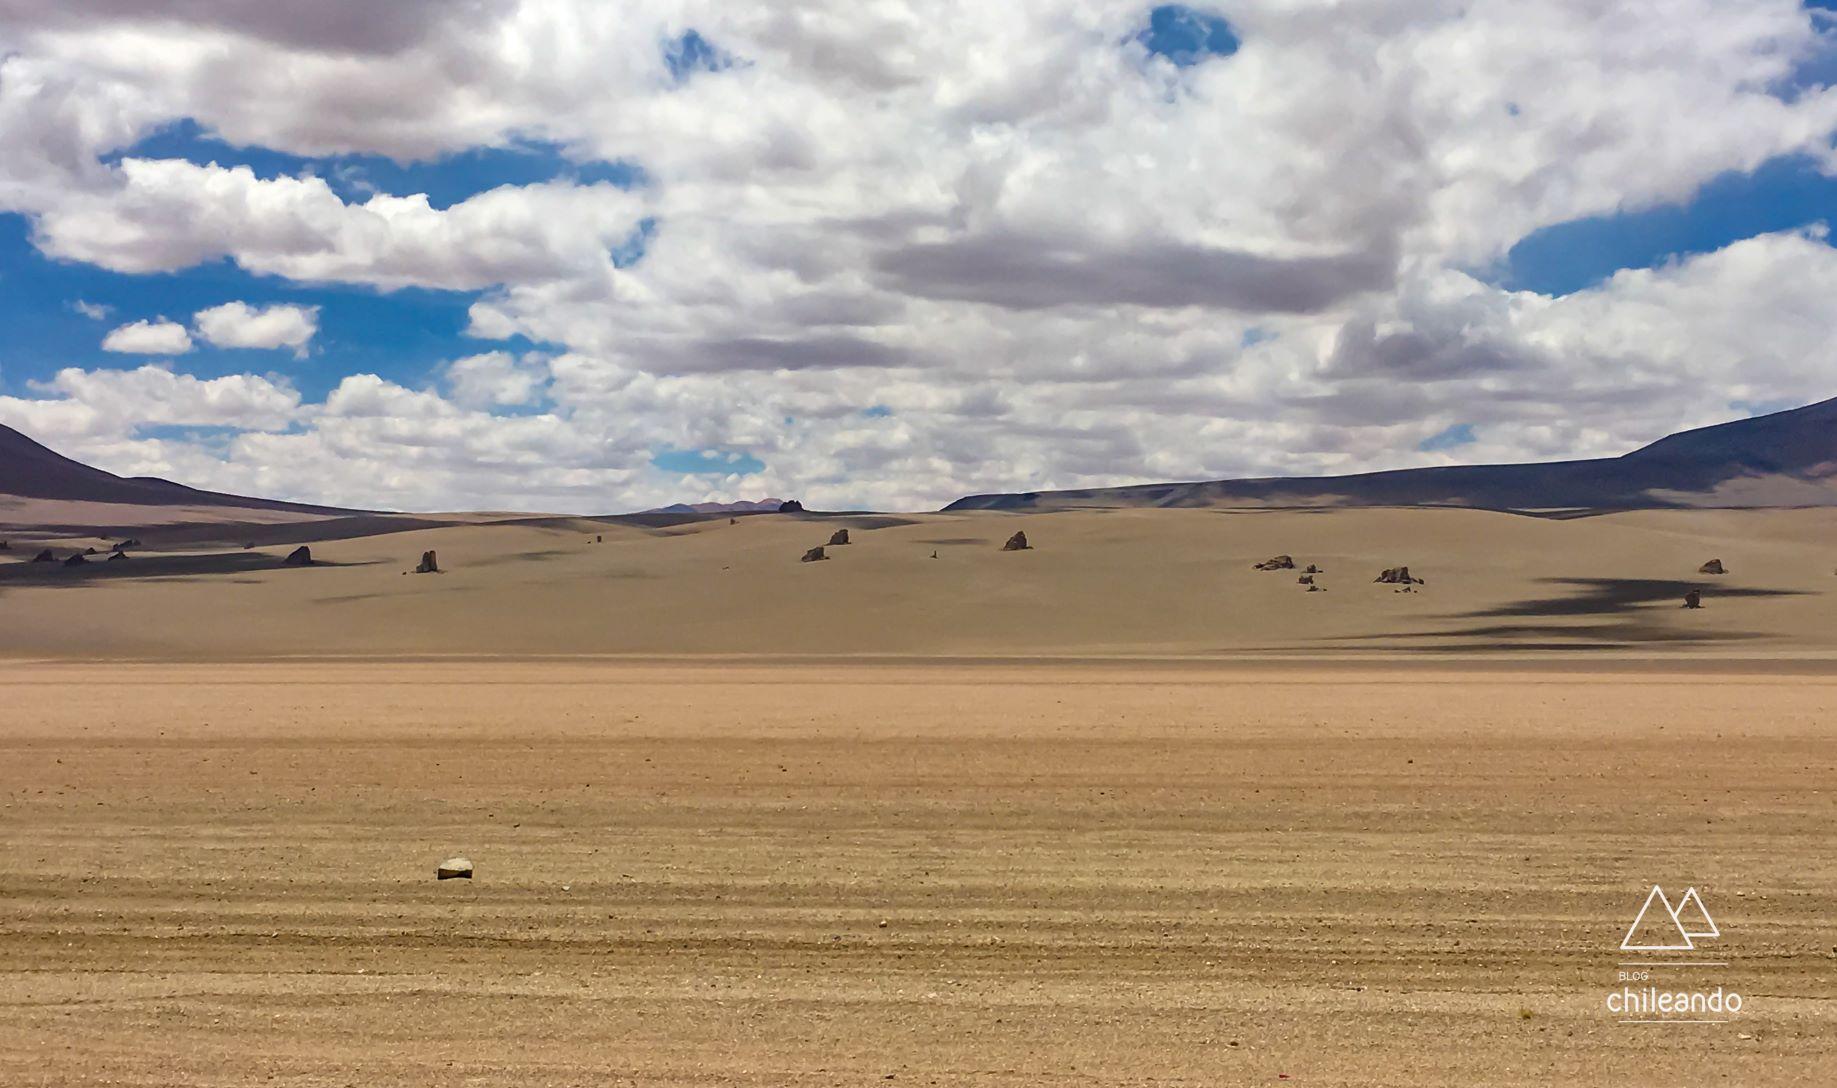 O deserto de Salvador Dalí